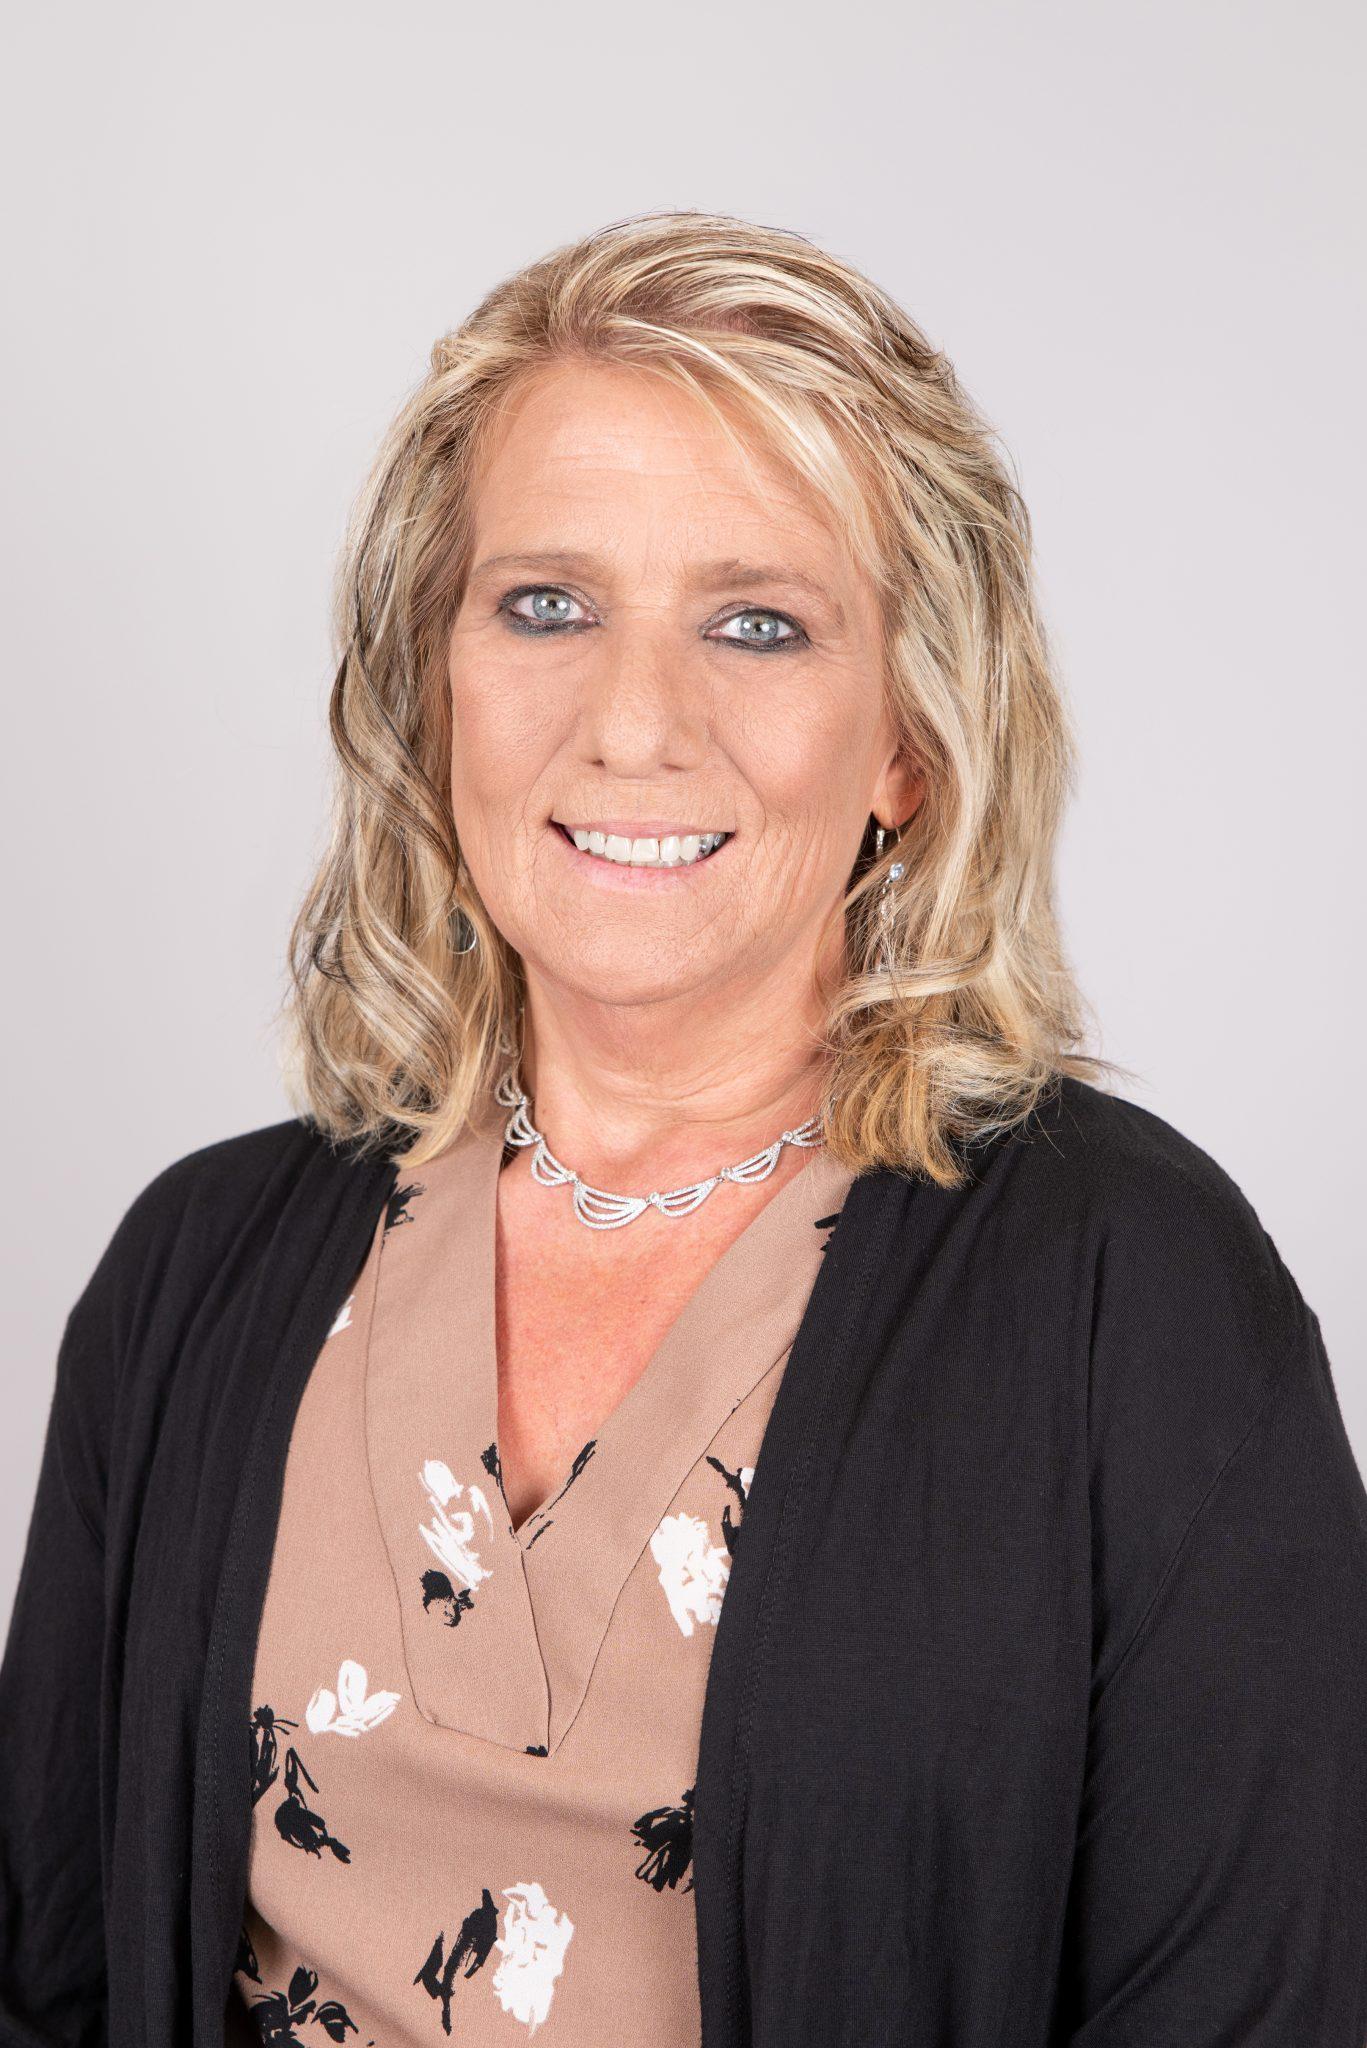 Julie Brown, Regional Manager